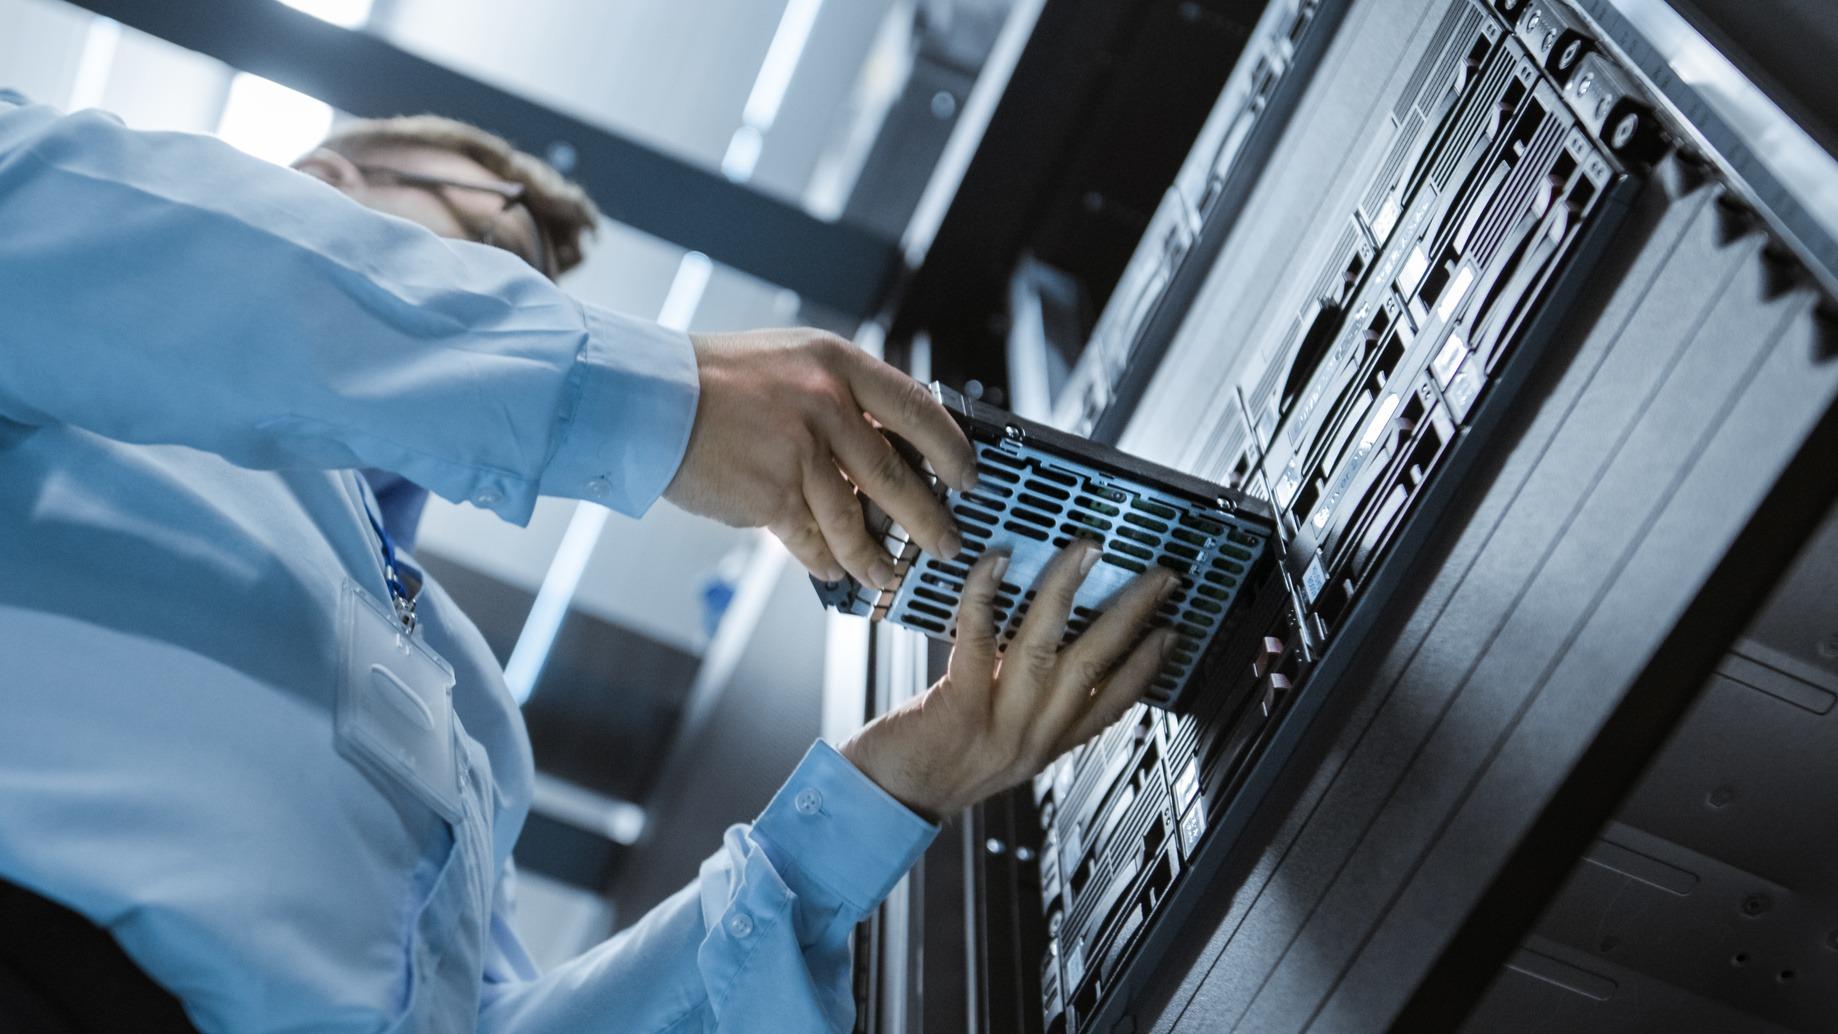 Ein IT Systemadministrator der gerade eine Festplatte wechselt.